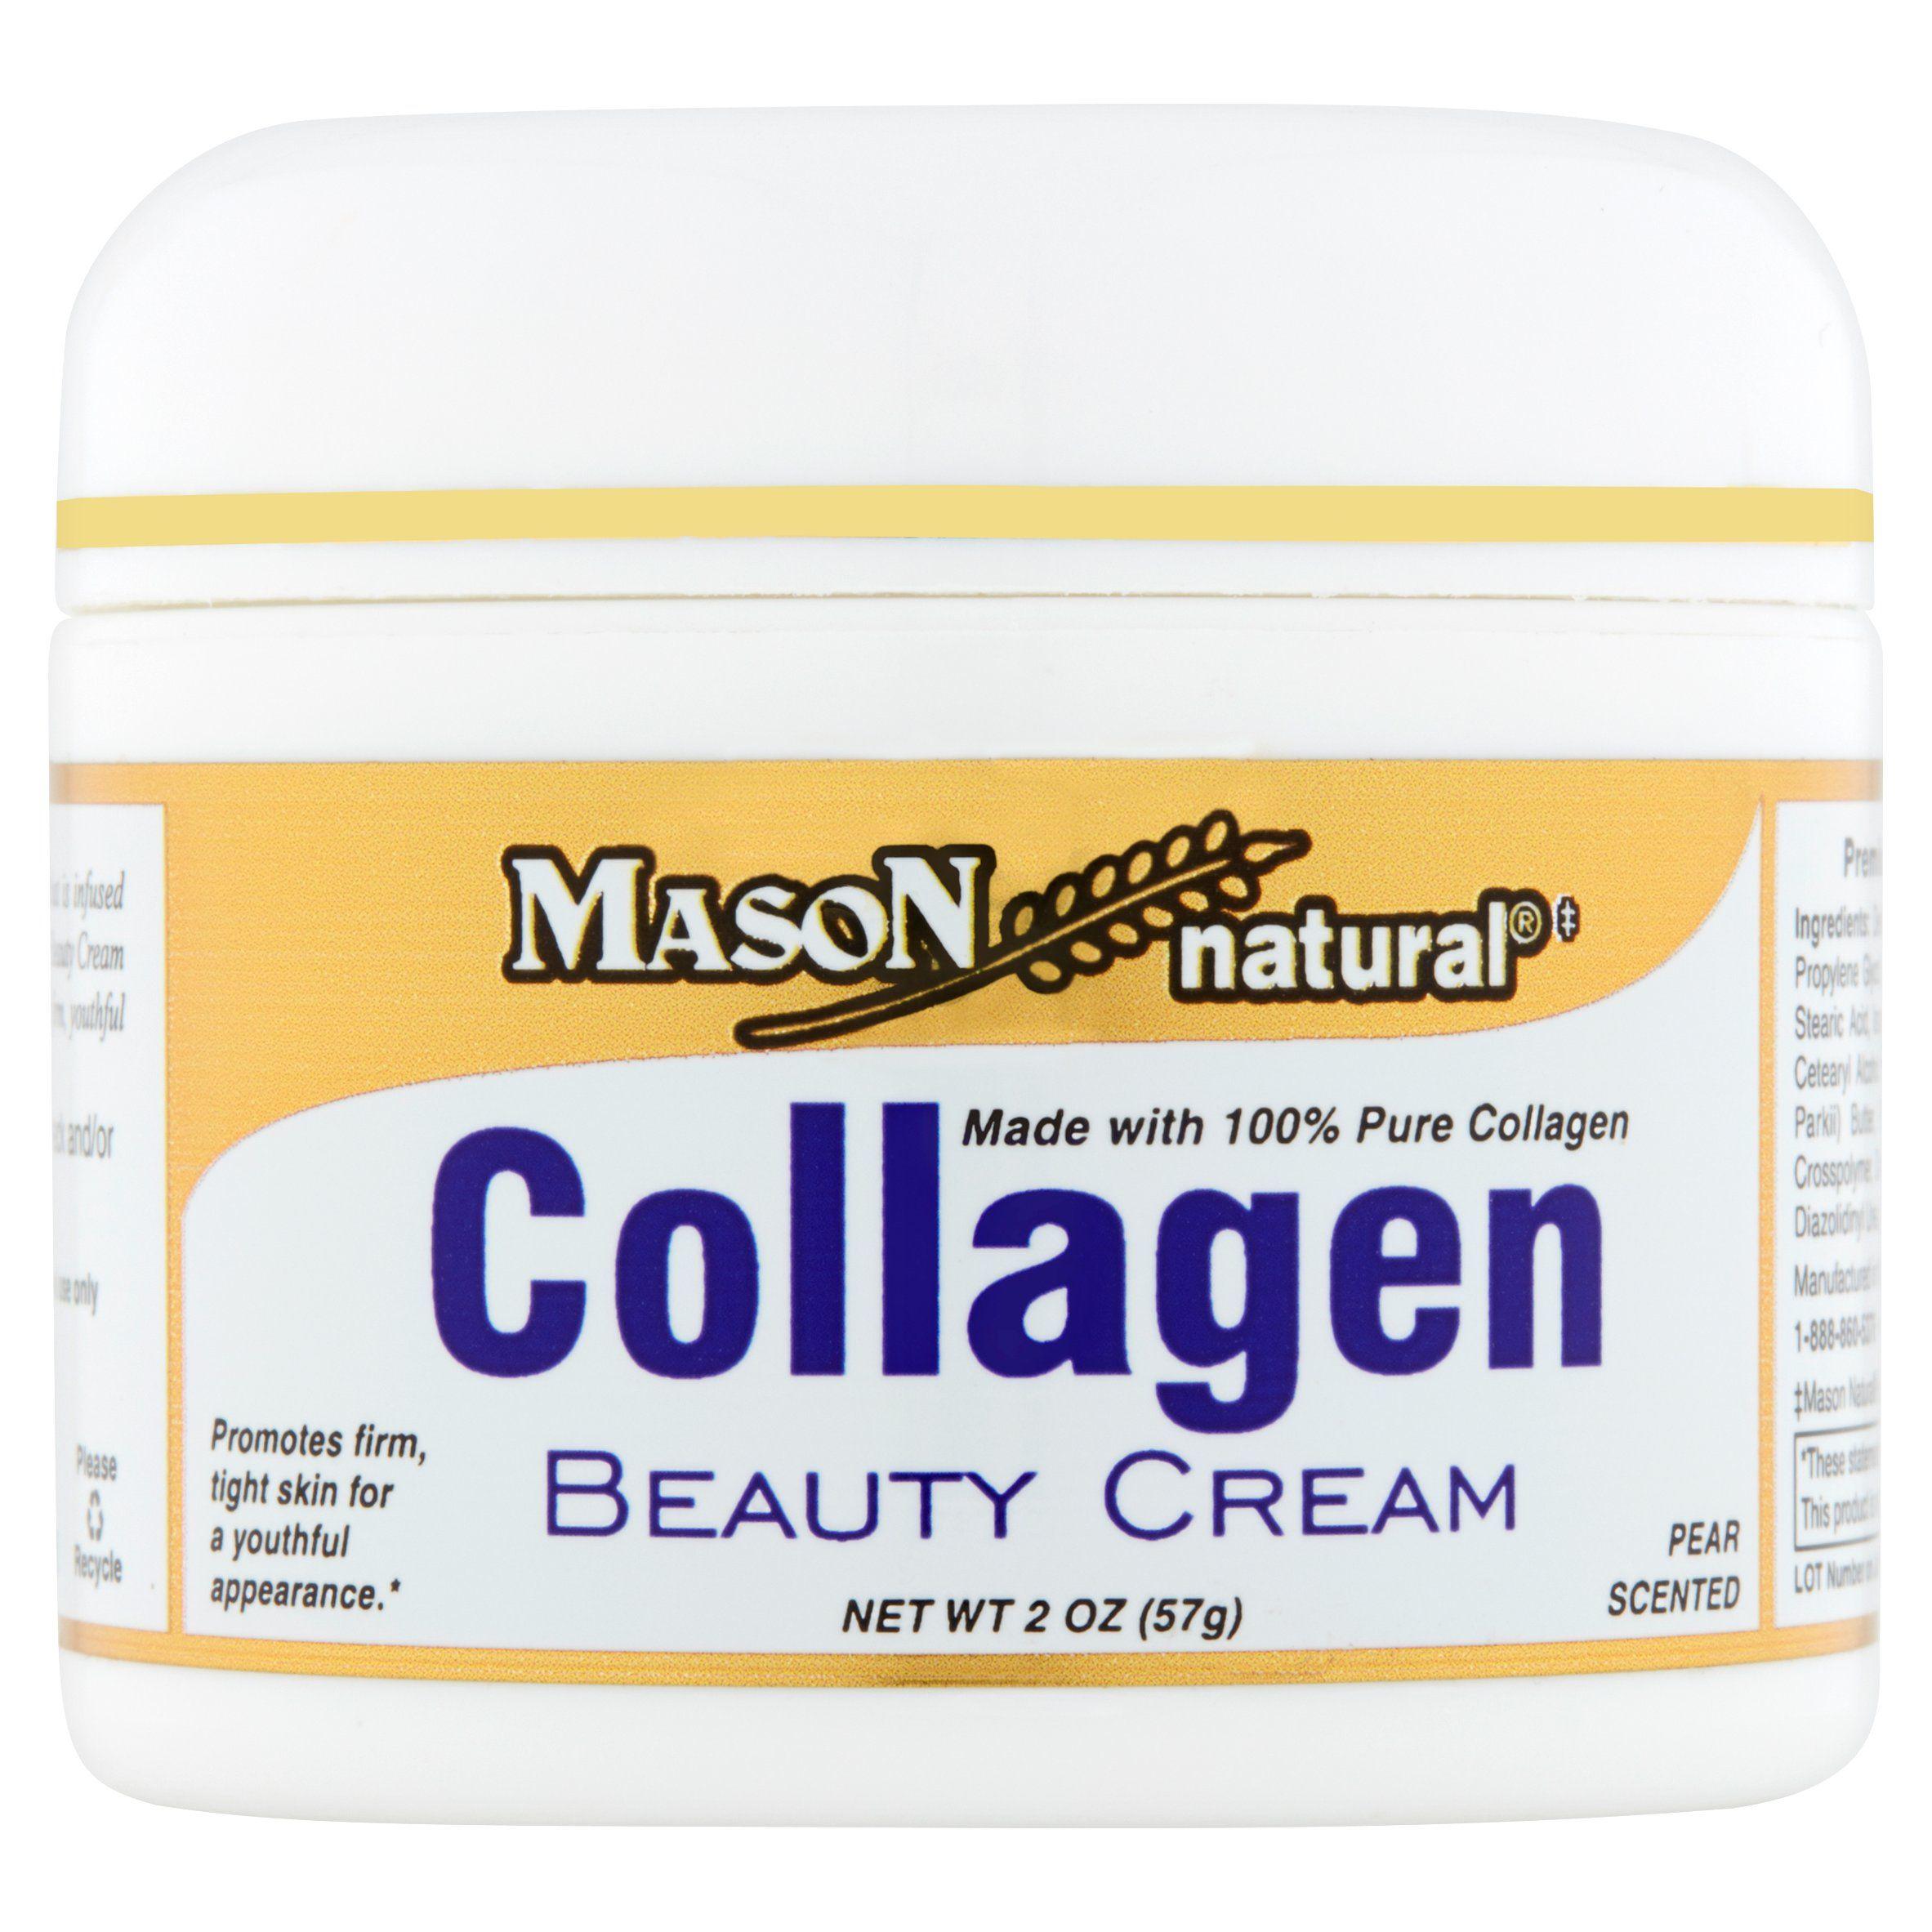 Personal Care Beauty Cream Collagen Beauty Cream Collagen Cream